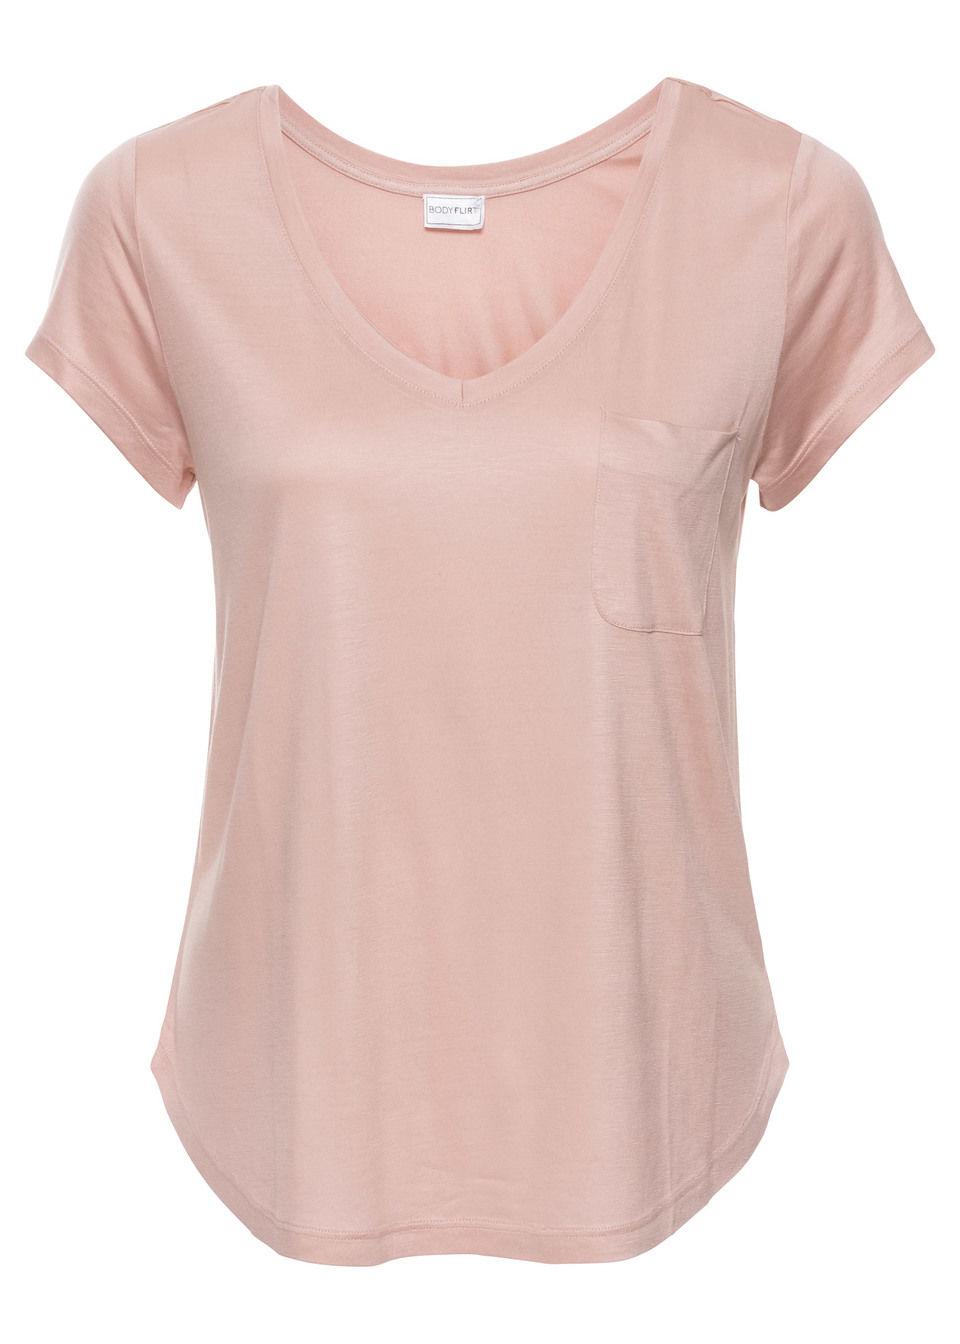 086758ddc9 Shirt pudrowy niebieski Piękny shirt z • 34.99 zł • bonprix